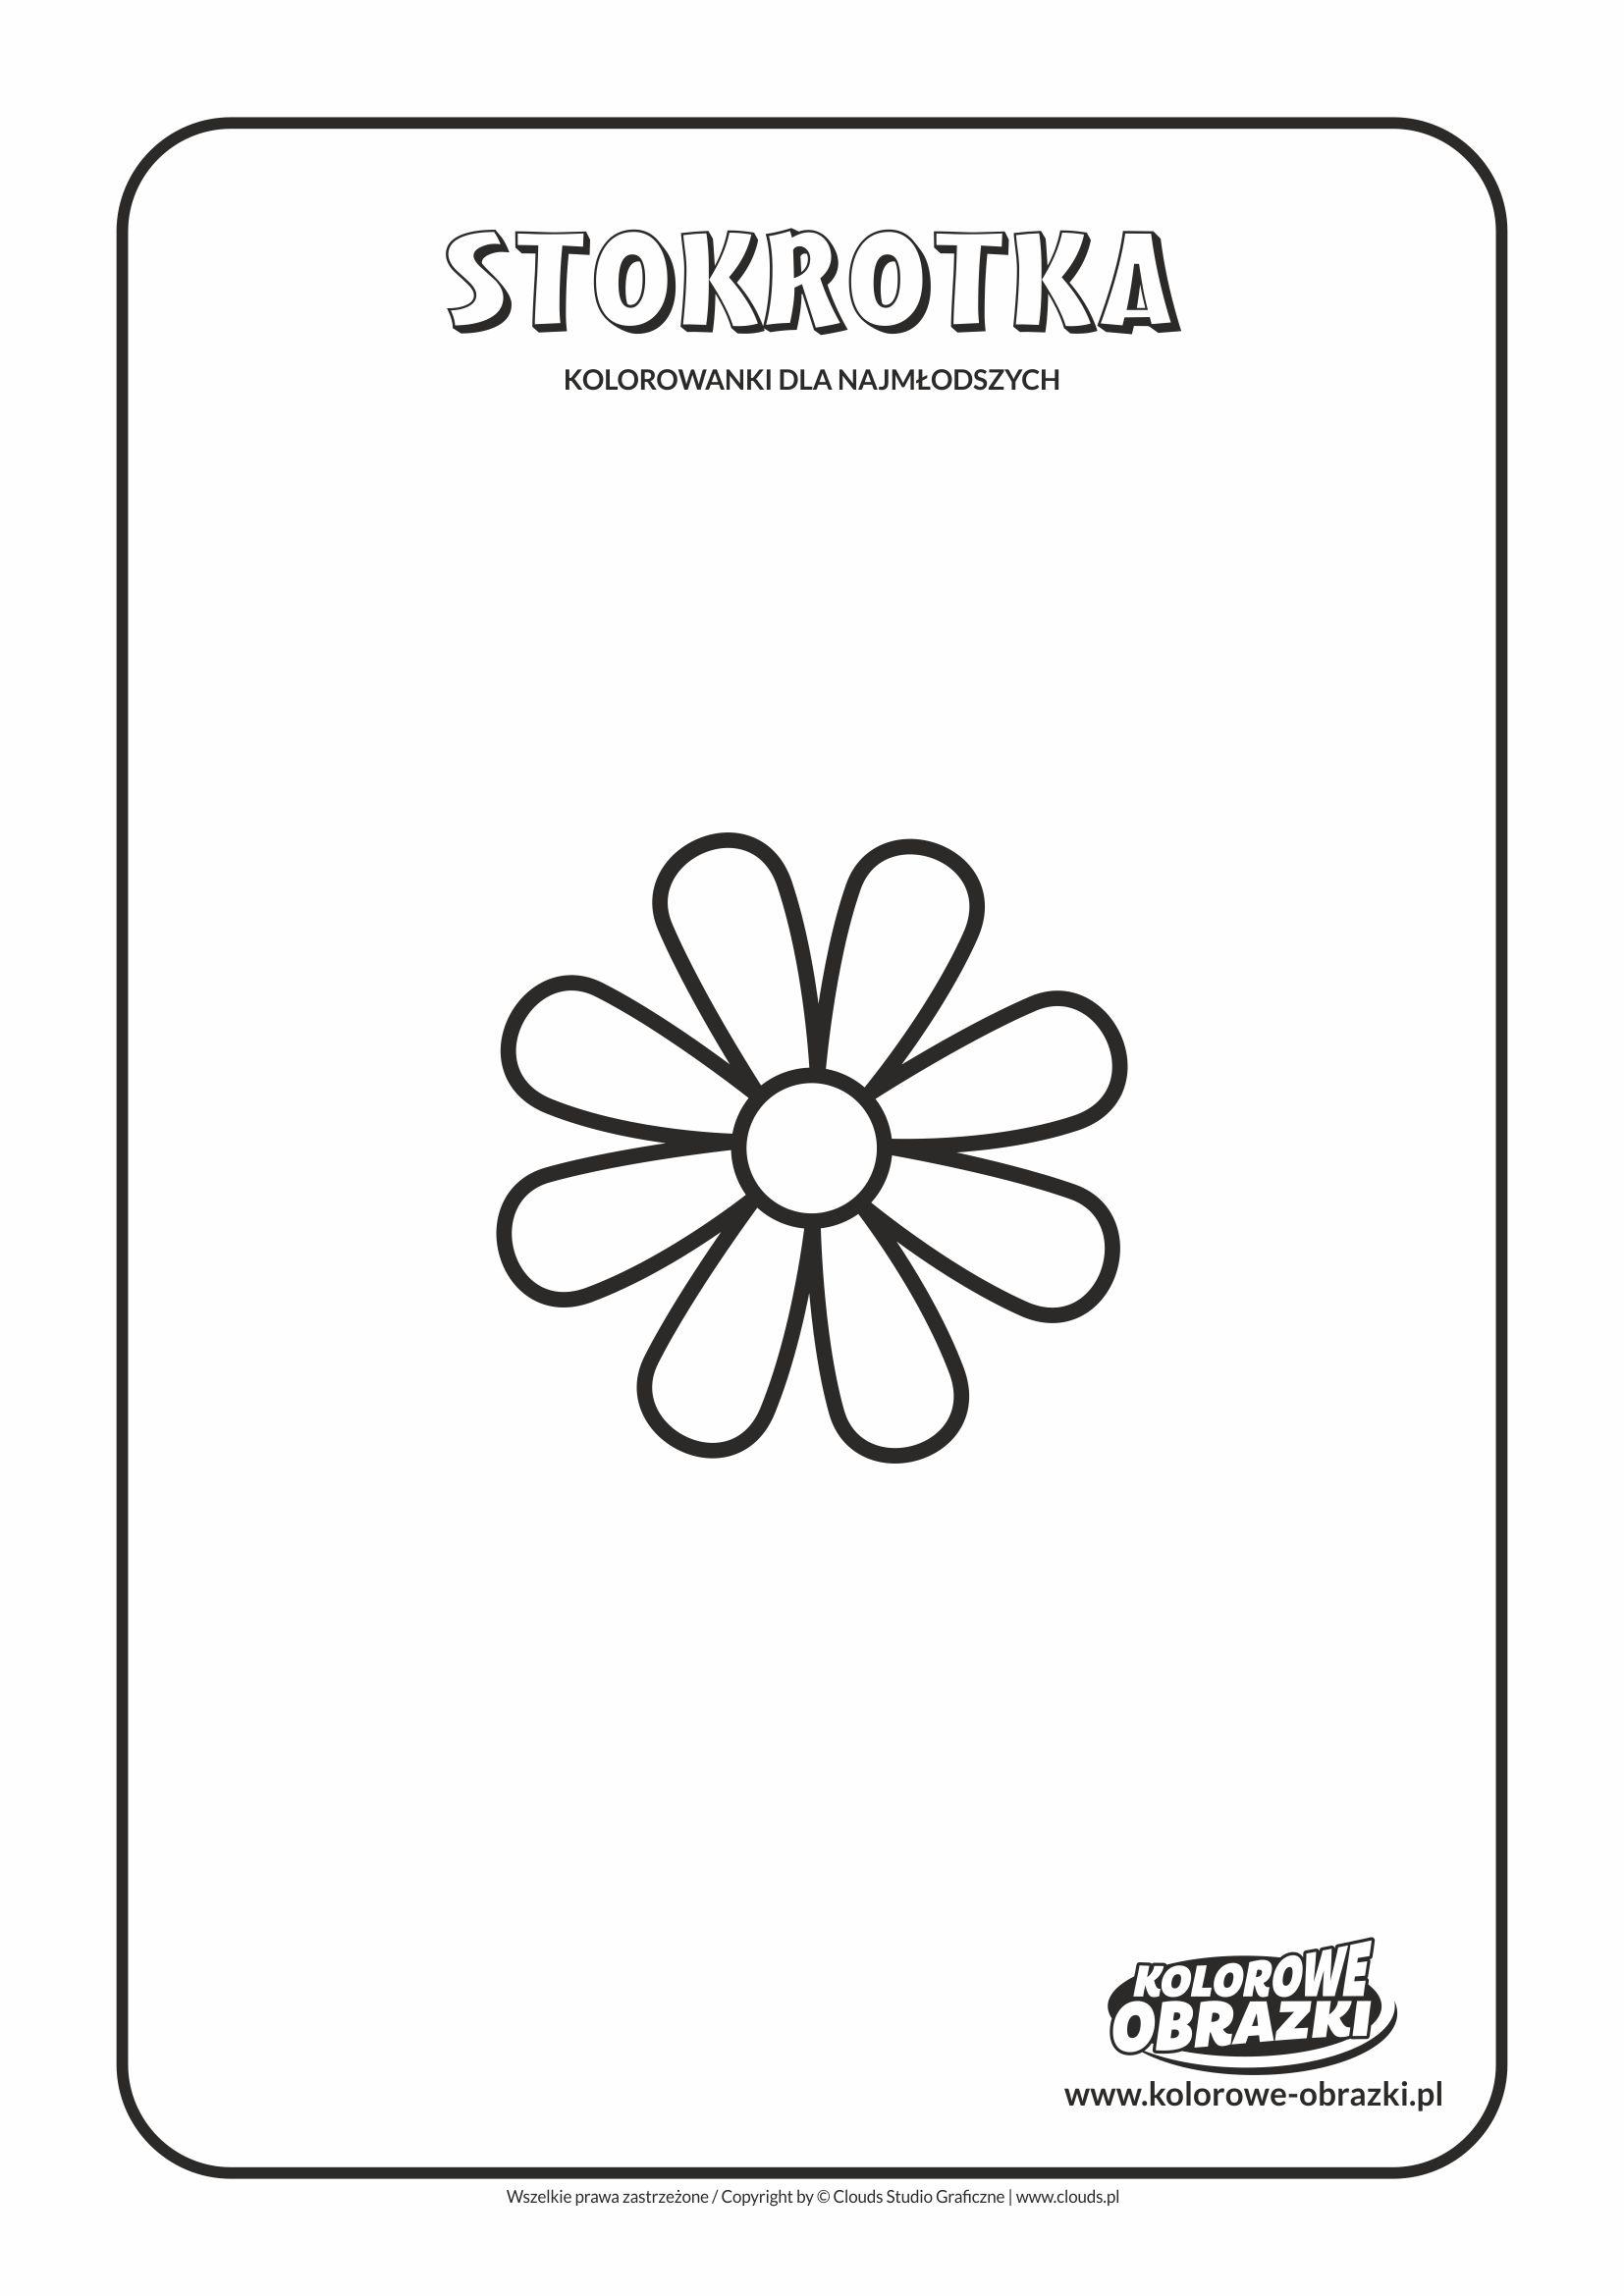 Proste kolorowanki dla najmłodszych - Kwiaty / Stokrotka. Kolorowanka ze stokrotką